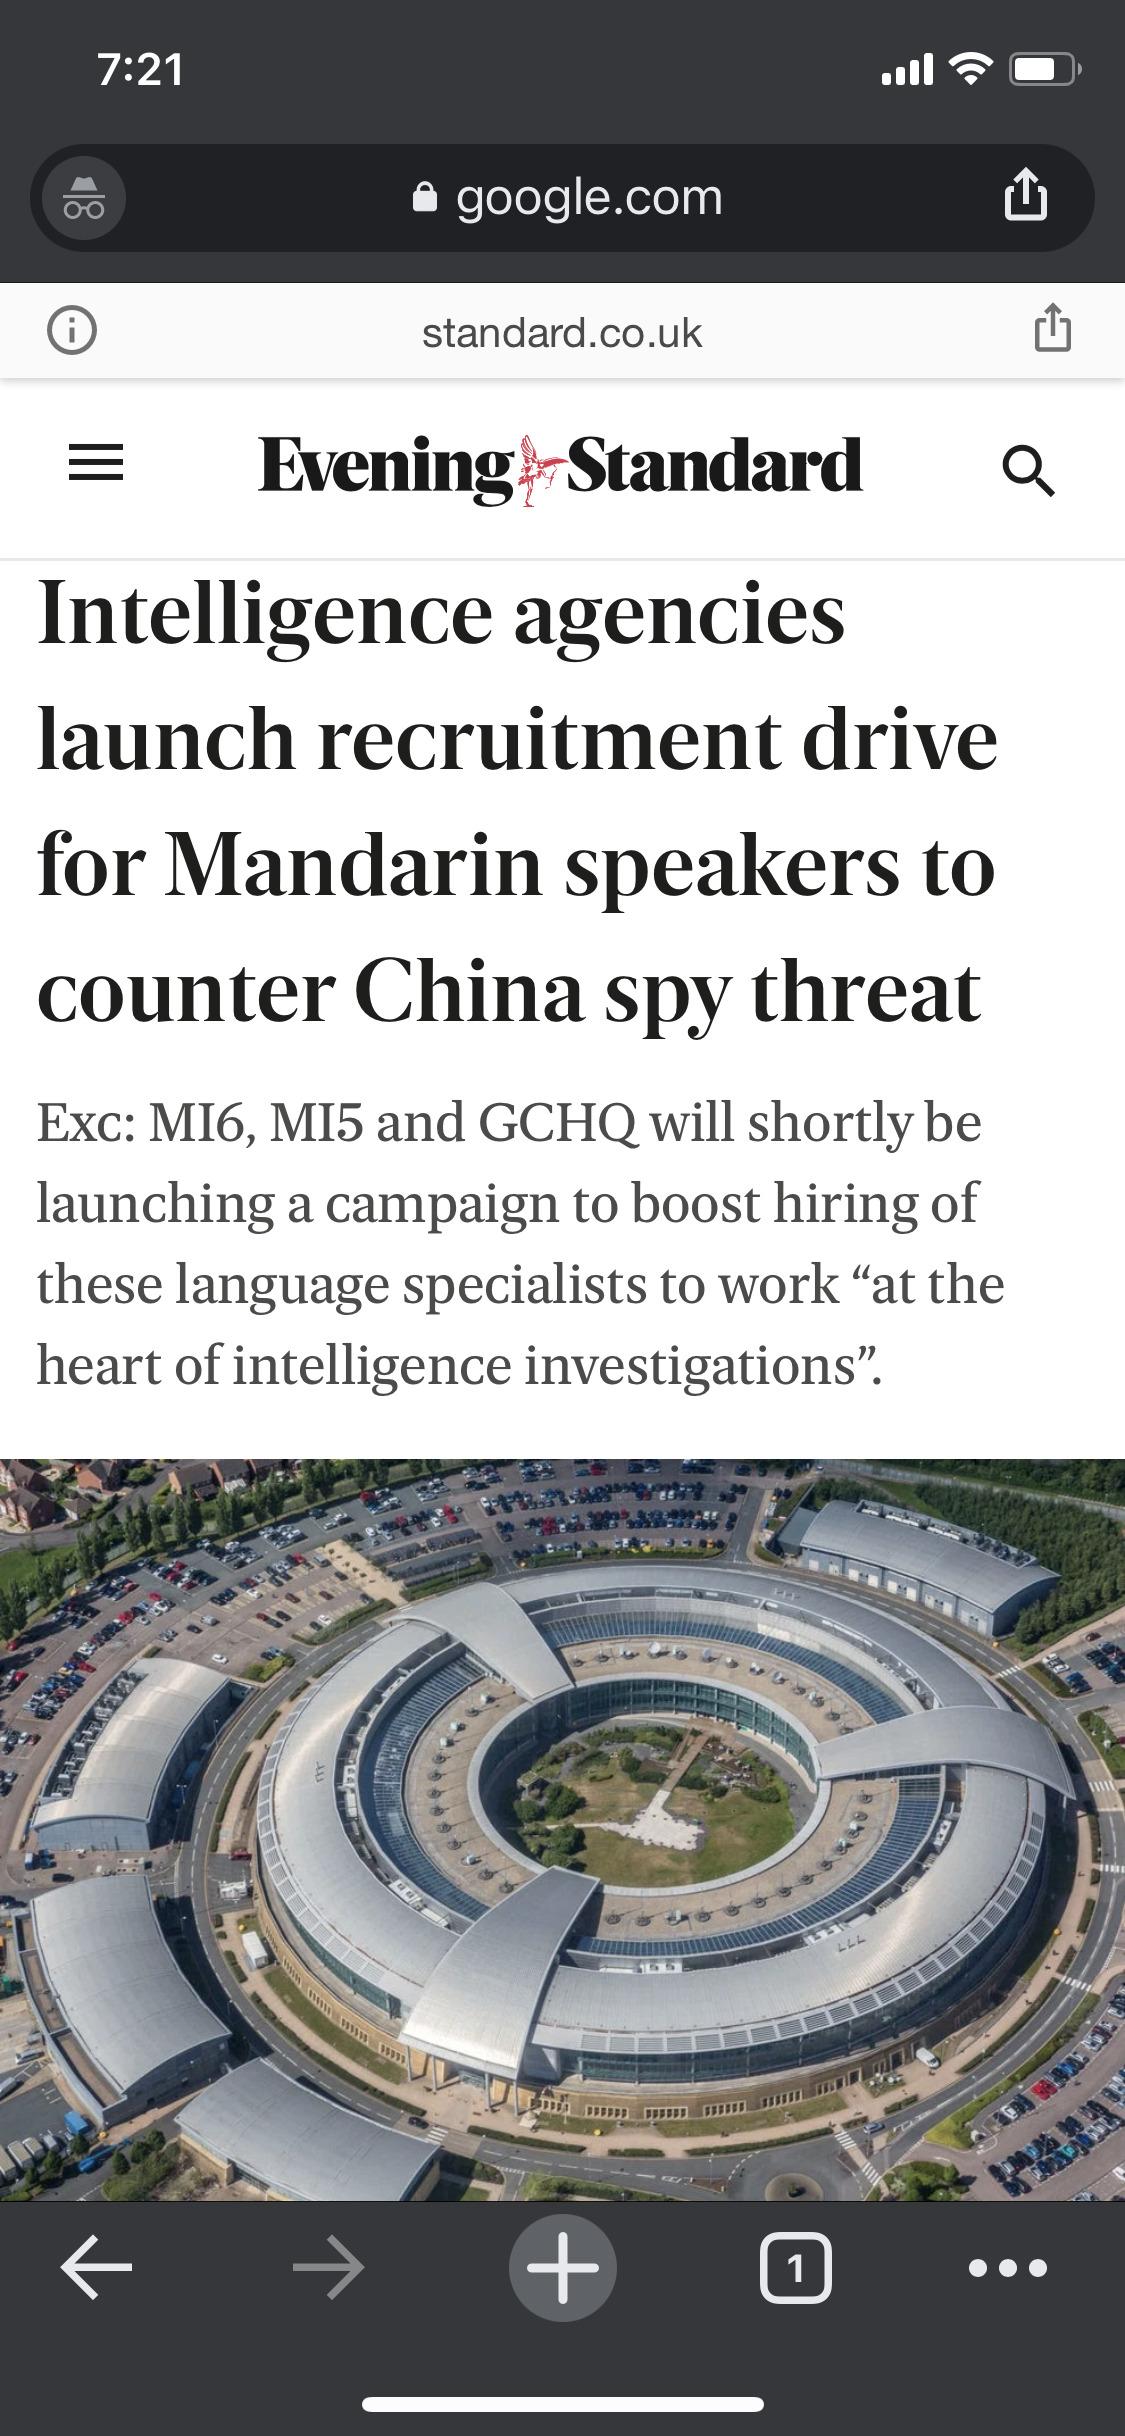 英军情处和政府通讯总部GCHQ正招募中文人才,目的显然是针对中国的间谍战。